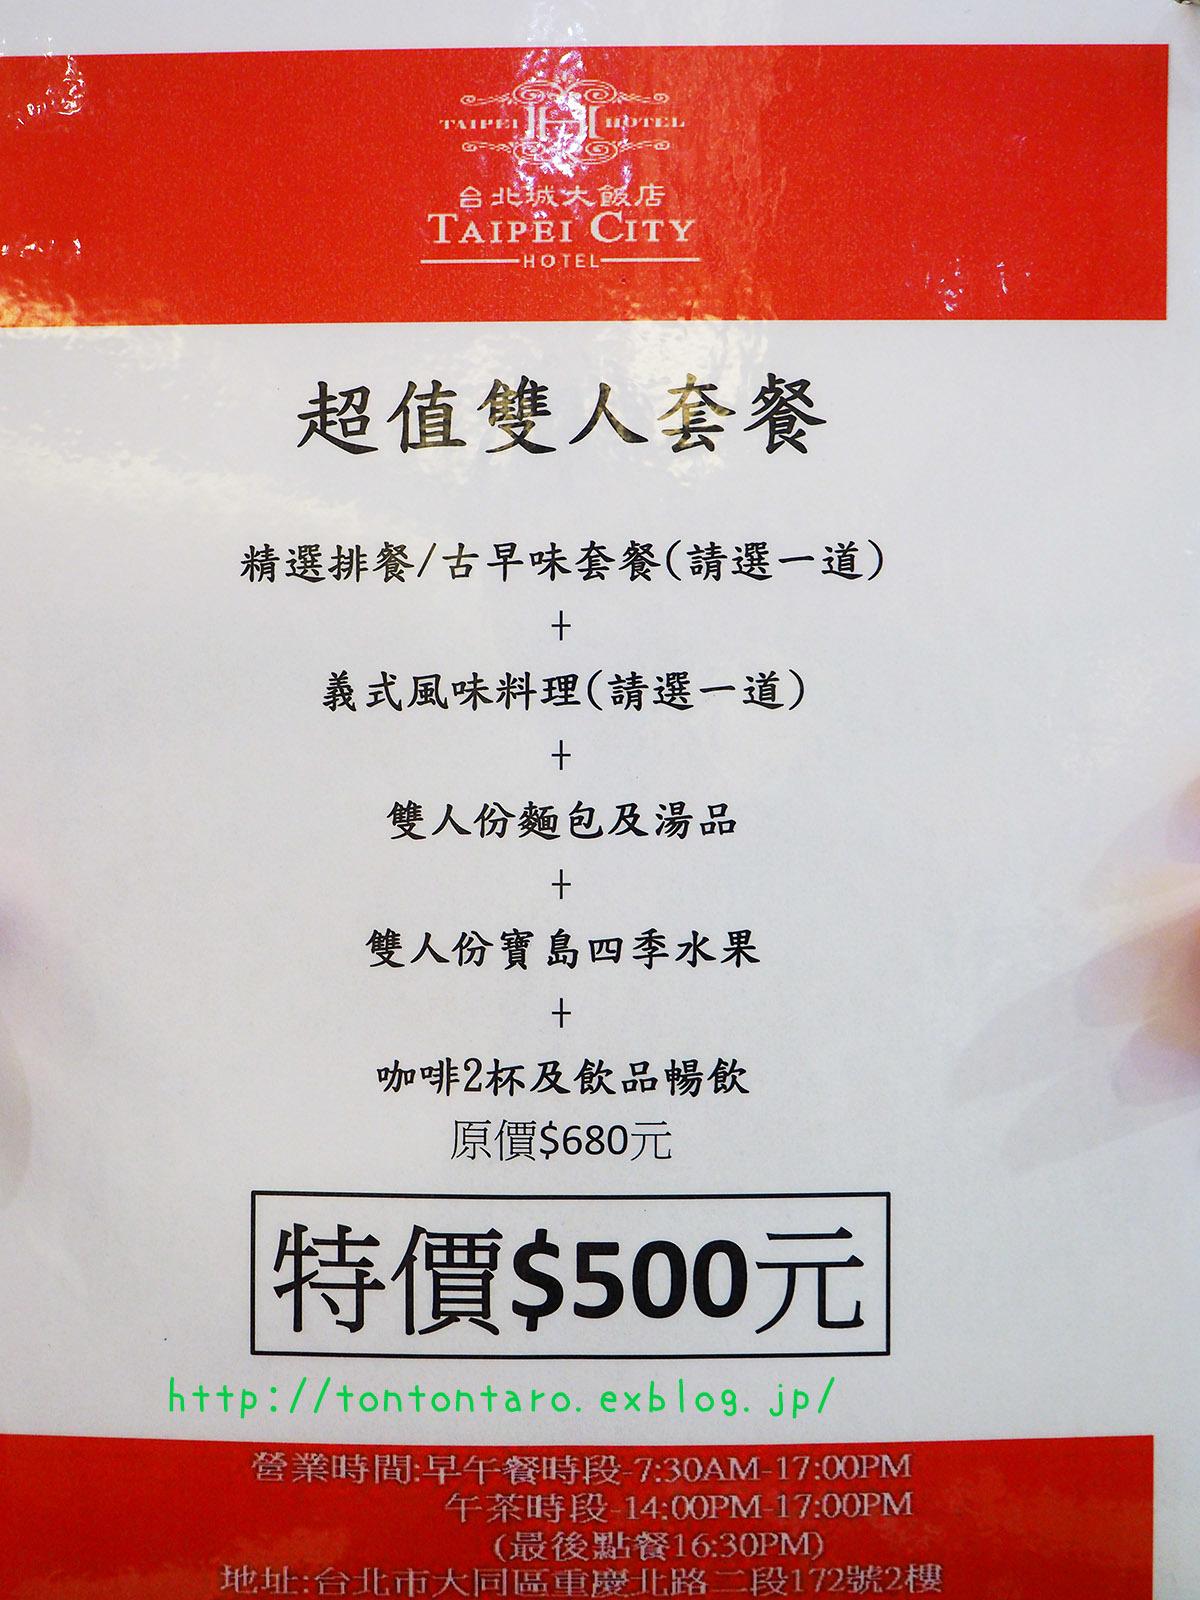 生まれ変わった台北城大飯店2樓、「大稻埕風味餐廳」のお値打ち感は異常(再び)_a0112888_04482854.jpg